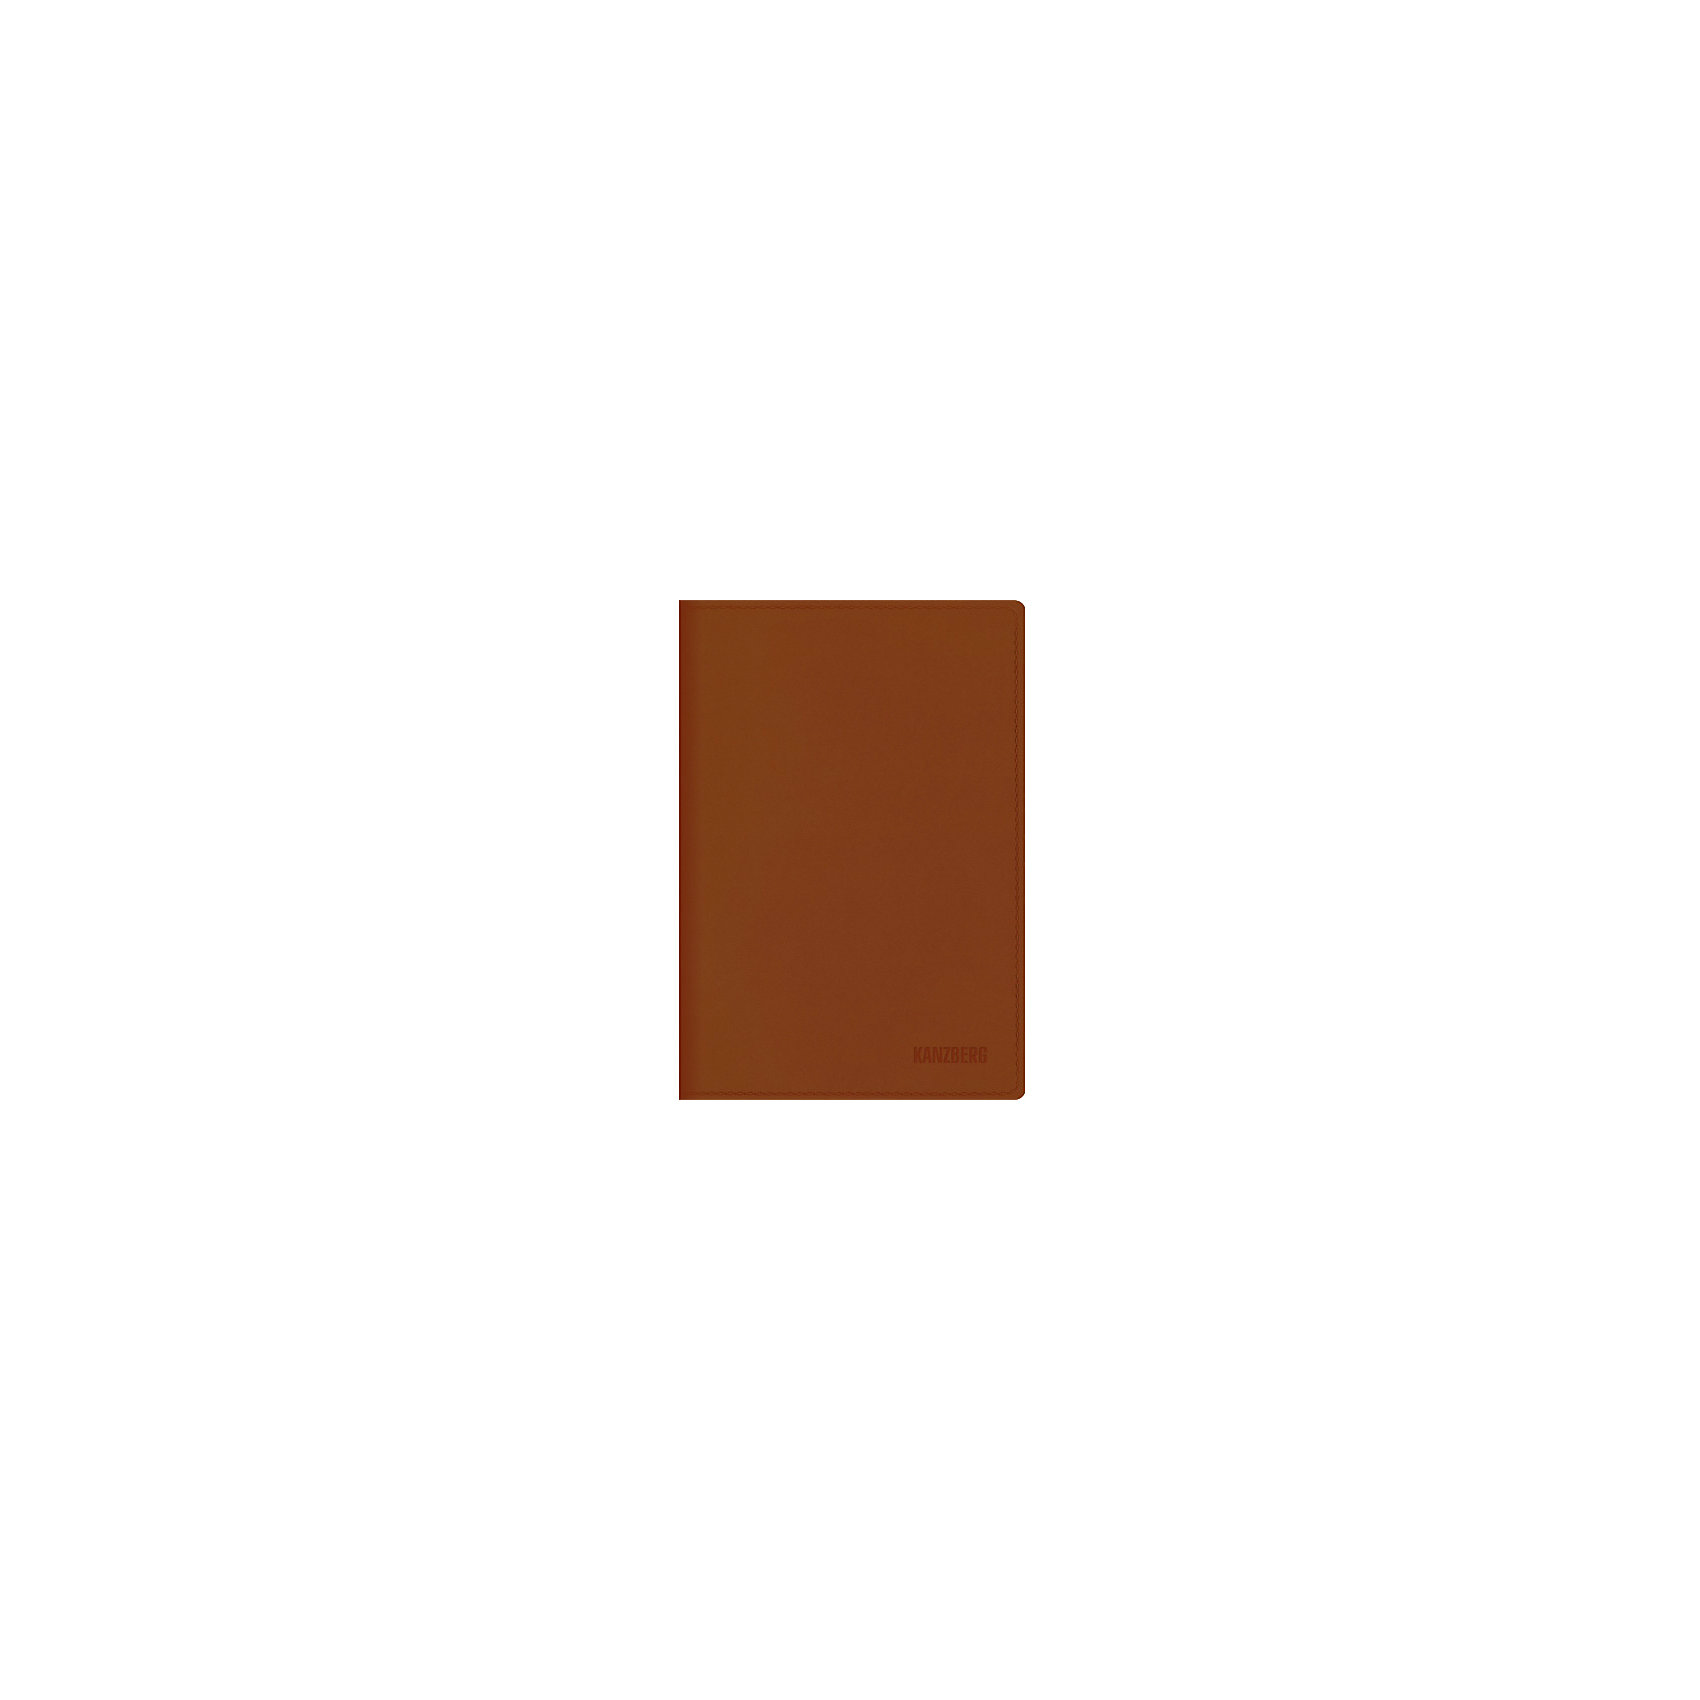 Ежедневник коричневый А6 KANZBERG, 152 лБумажная продукция<br>Ежедневник KANZBERG с яркой обложкой из искусственной кожи поможет сохранить все важные записи и заметки. Имеет разлинованные страницы с полем для даты и дня недели, ляссе. Прекрасно подойдет для школьников!<br><br>Дополнительная информация:<br>Цвет: коричневый<br>Формат: А6<br>Количество листов: 152<br>Обложка: искусственная кожа<br>Есть ляссе<br>Закругленные уголки<br>Термотиснение<br>Переплет: интегральный<br>Ежедневник KANZBERG можно купить в нашем интернет-магазине<br><br>Ширина мм: 148<br>Глубина мм: 105<br>Высота мм: 20<br>Вес г: 207<br>Возраст от месяцев: 144<br>Возраст до месяцев: 2147483647<br>Пол: Унисекс<br>Возраст: Детский<br>SKU: 4942453